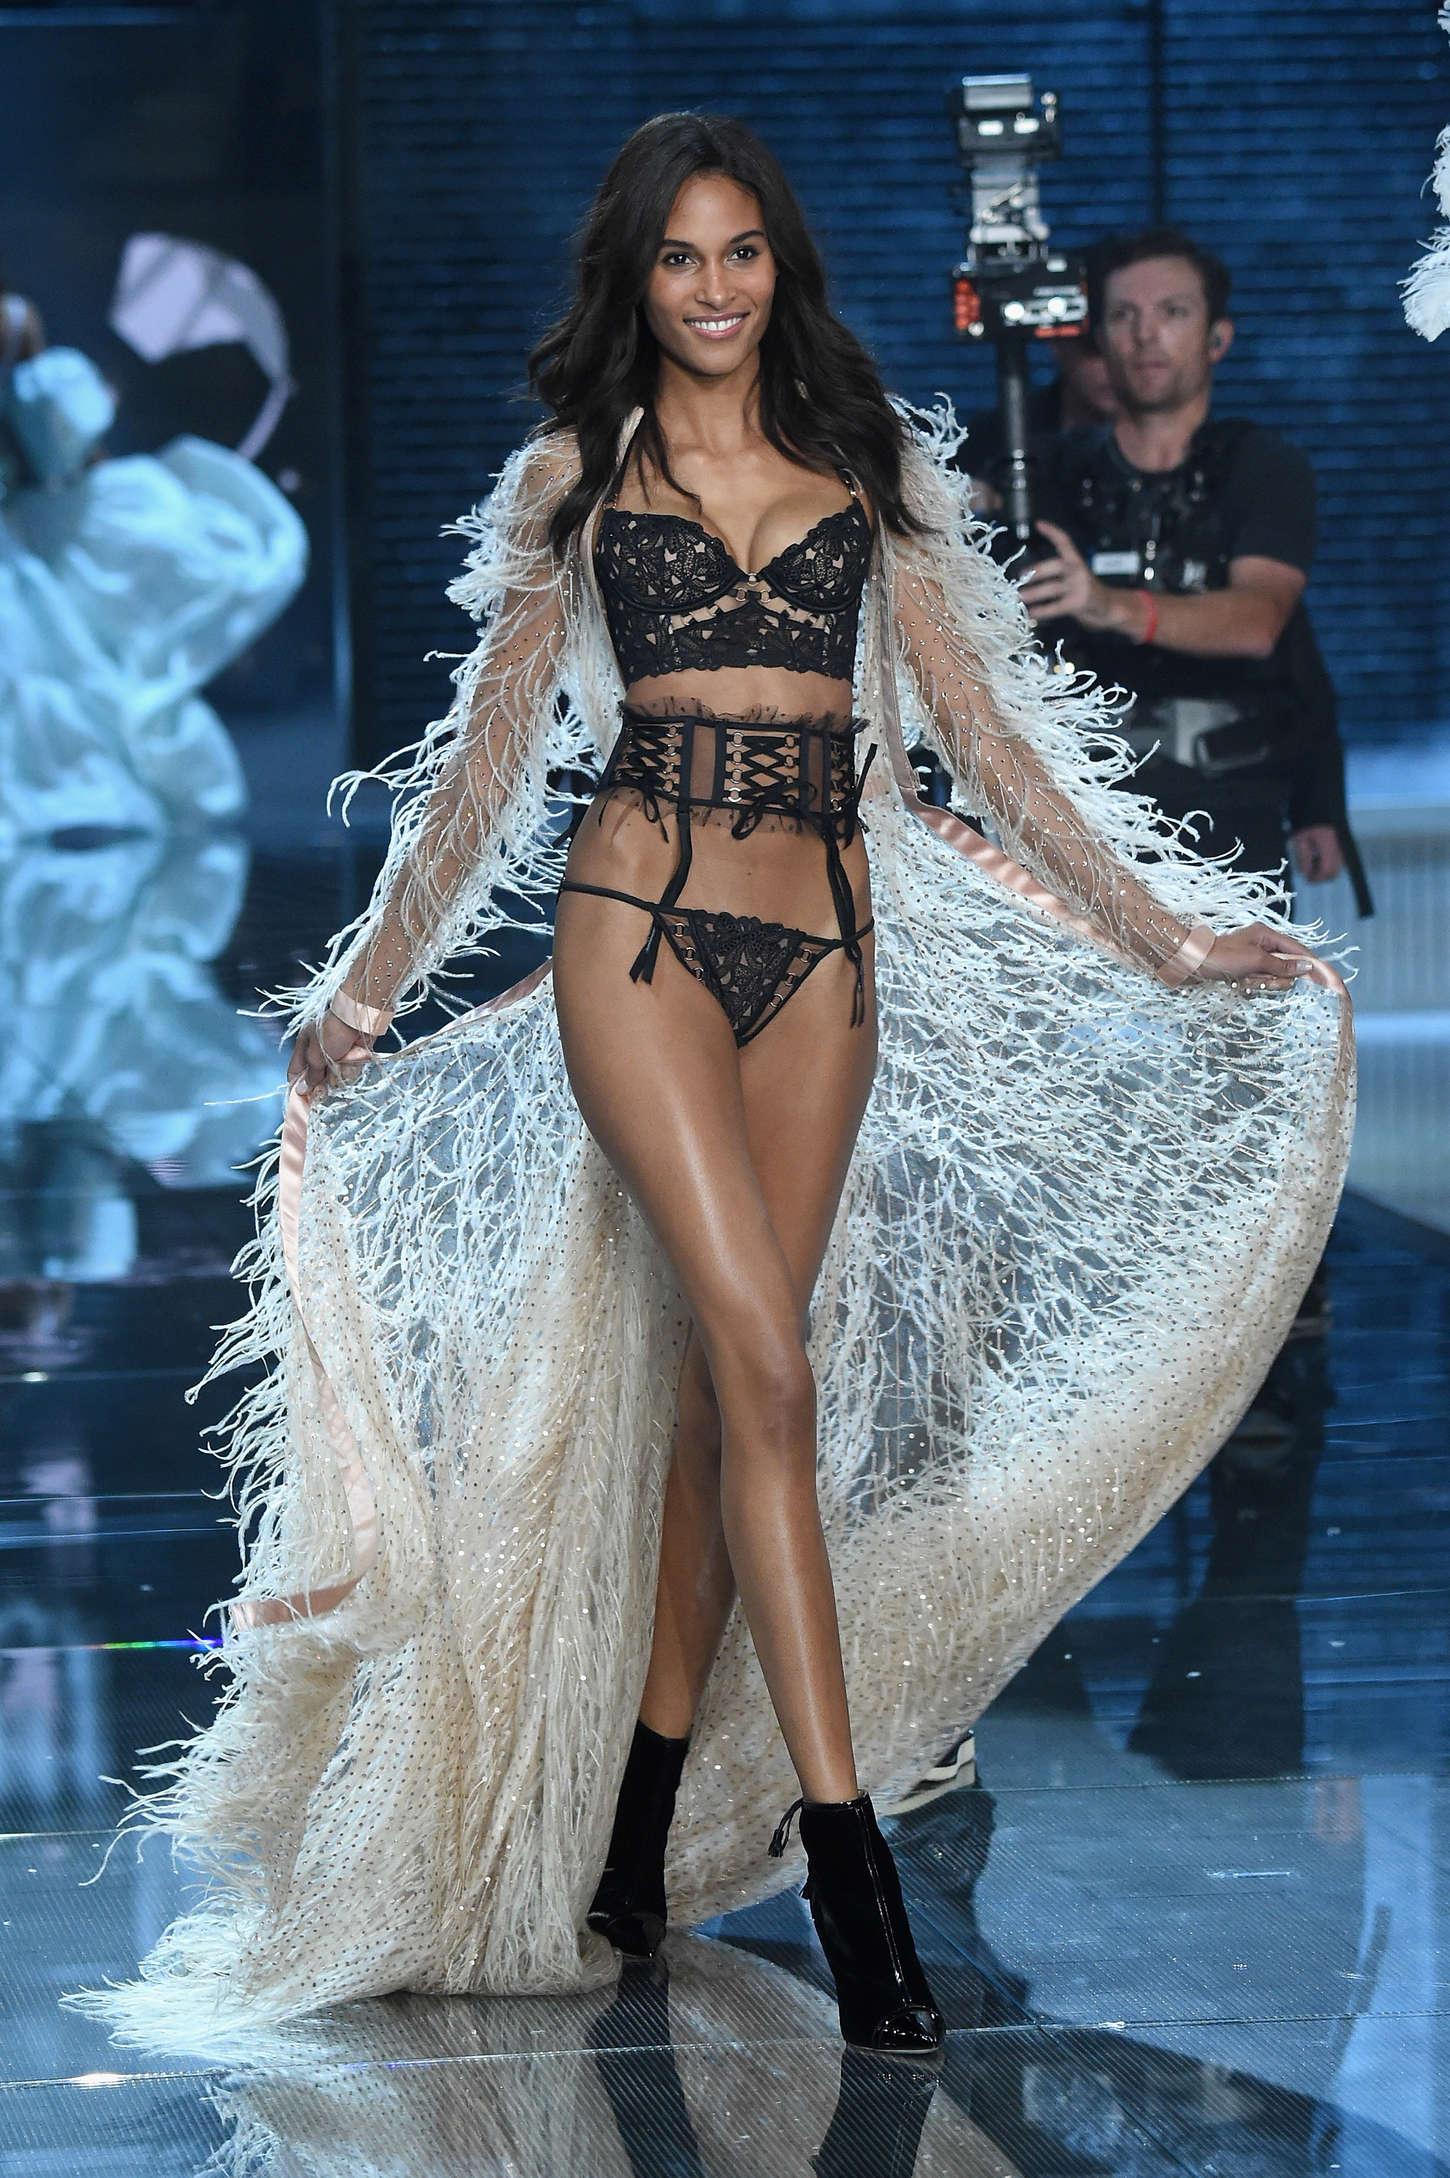 Cindy Bruna Victorias Secret Fashion Show Runway in New York